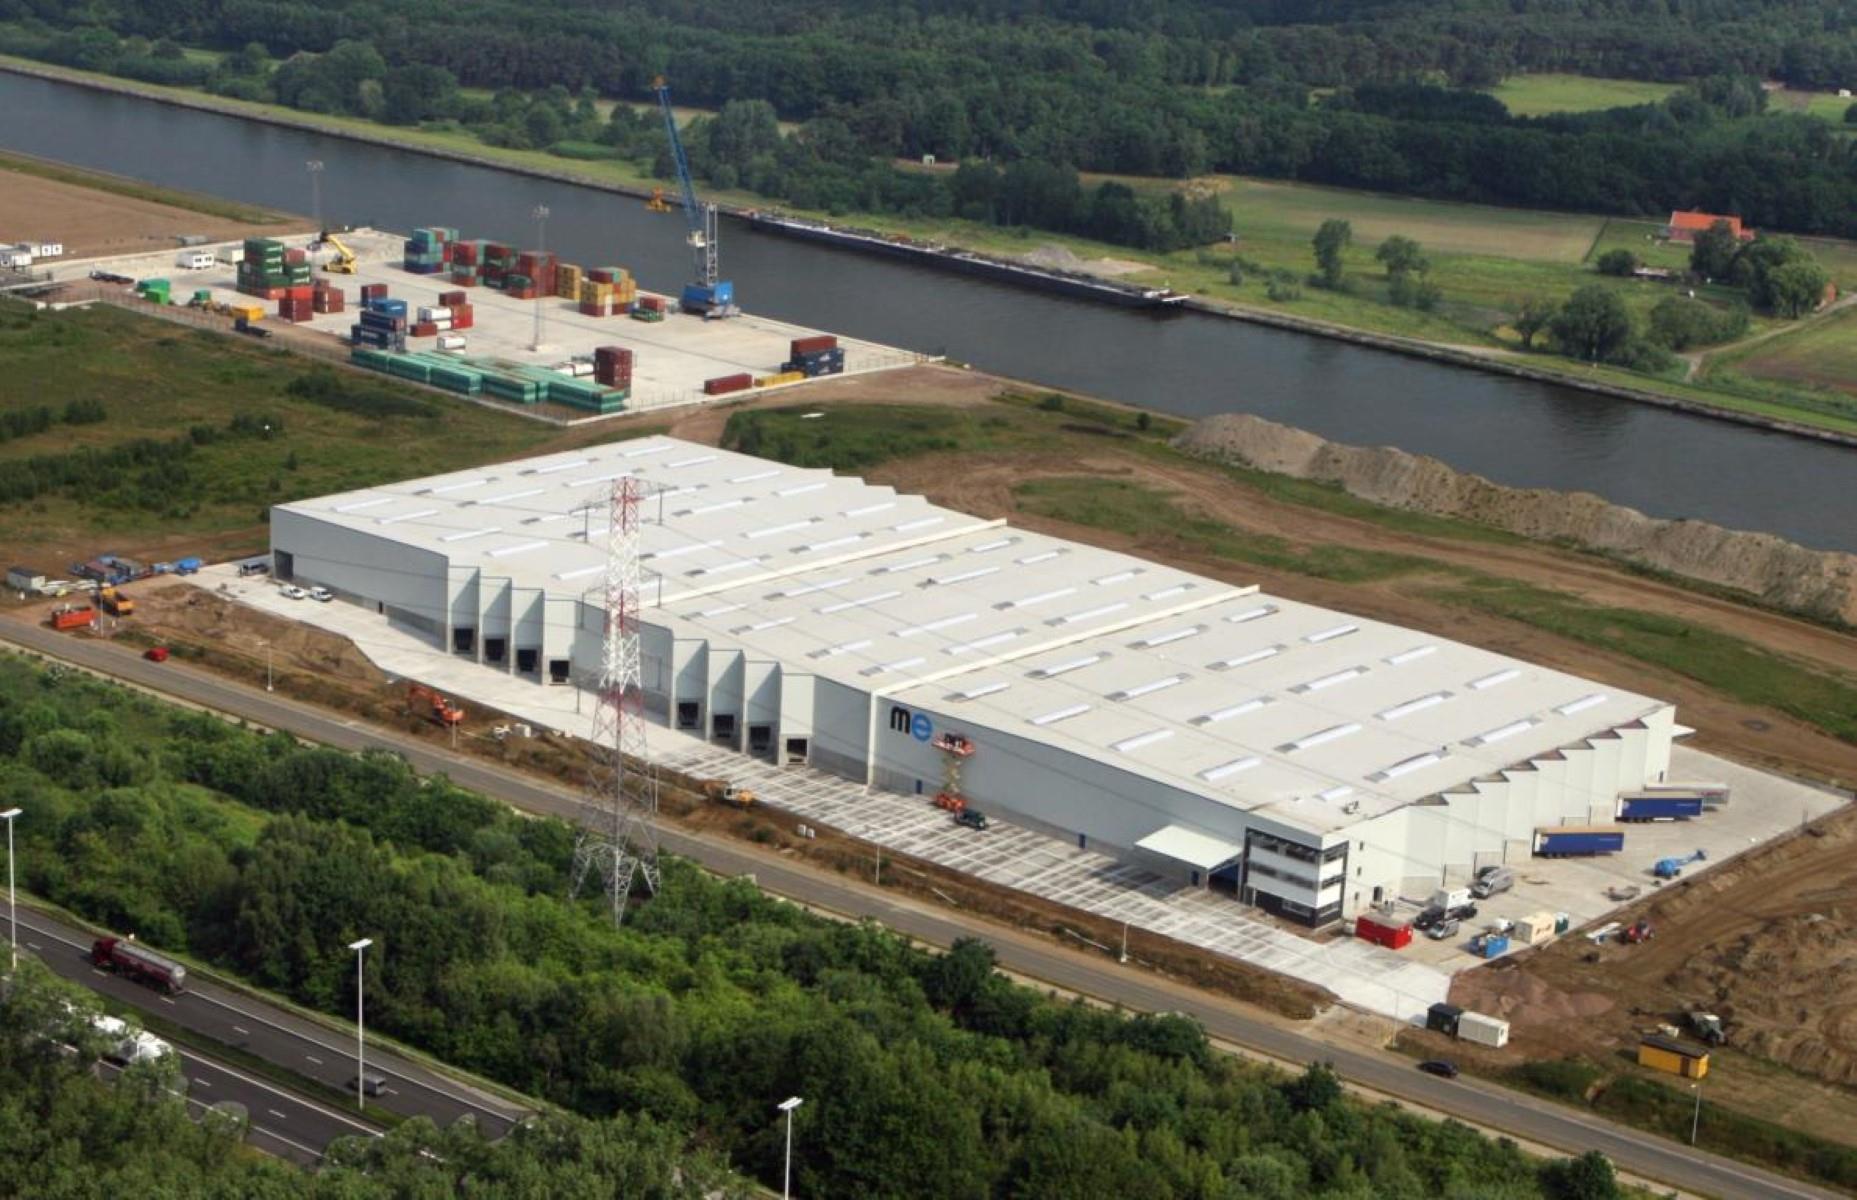 opslagplaats te huur UNIT 8B - Industrieweg 34, 2280 Grobbendonk, België 3